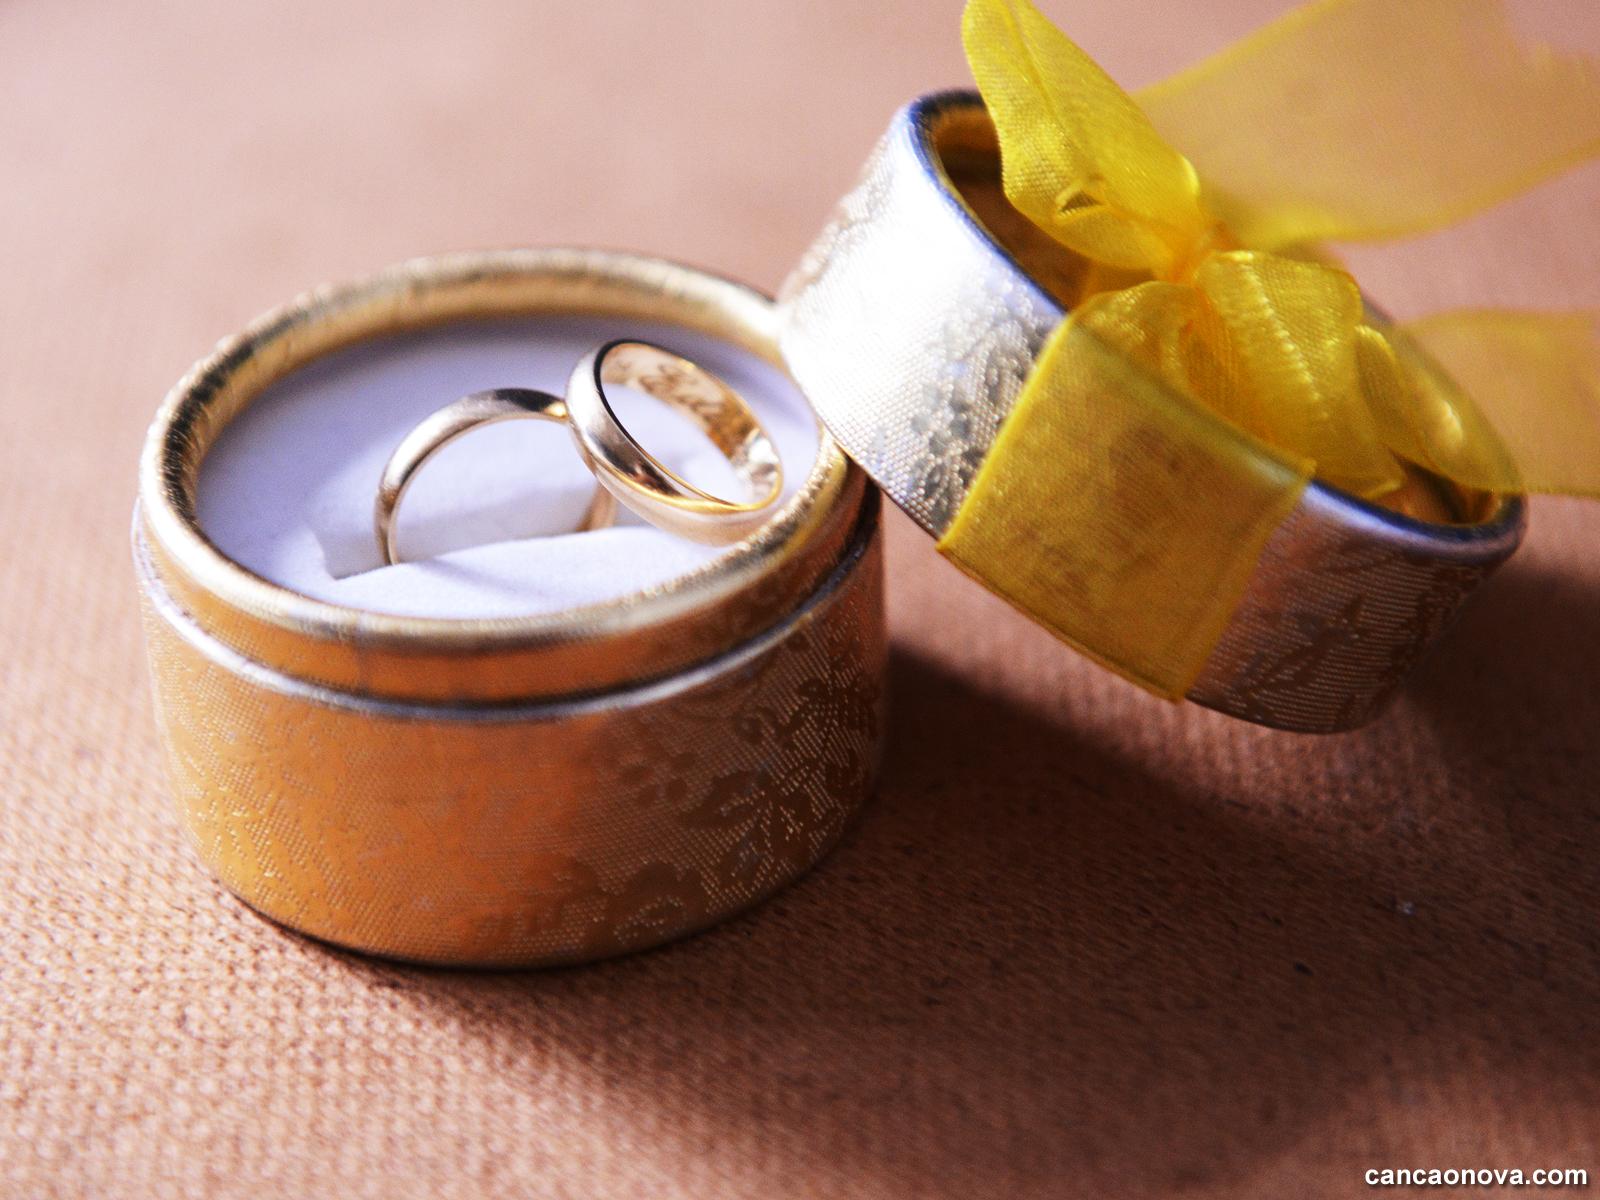 Casamento estou preparada(o) para dar esse passo